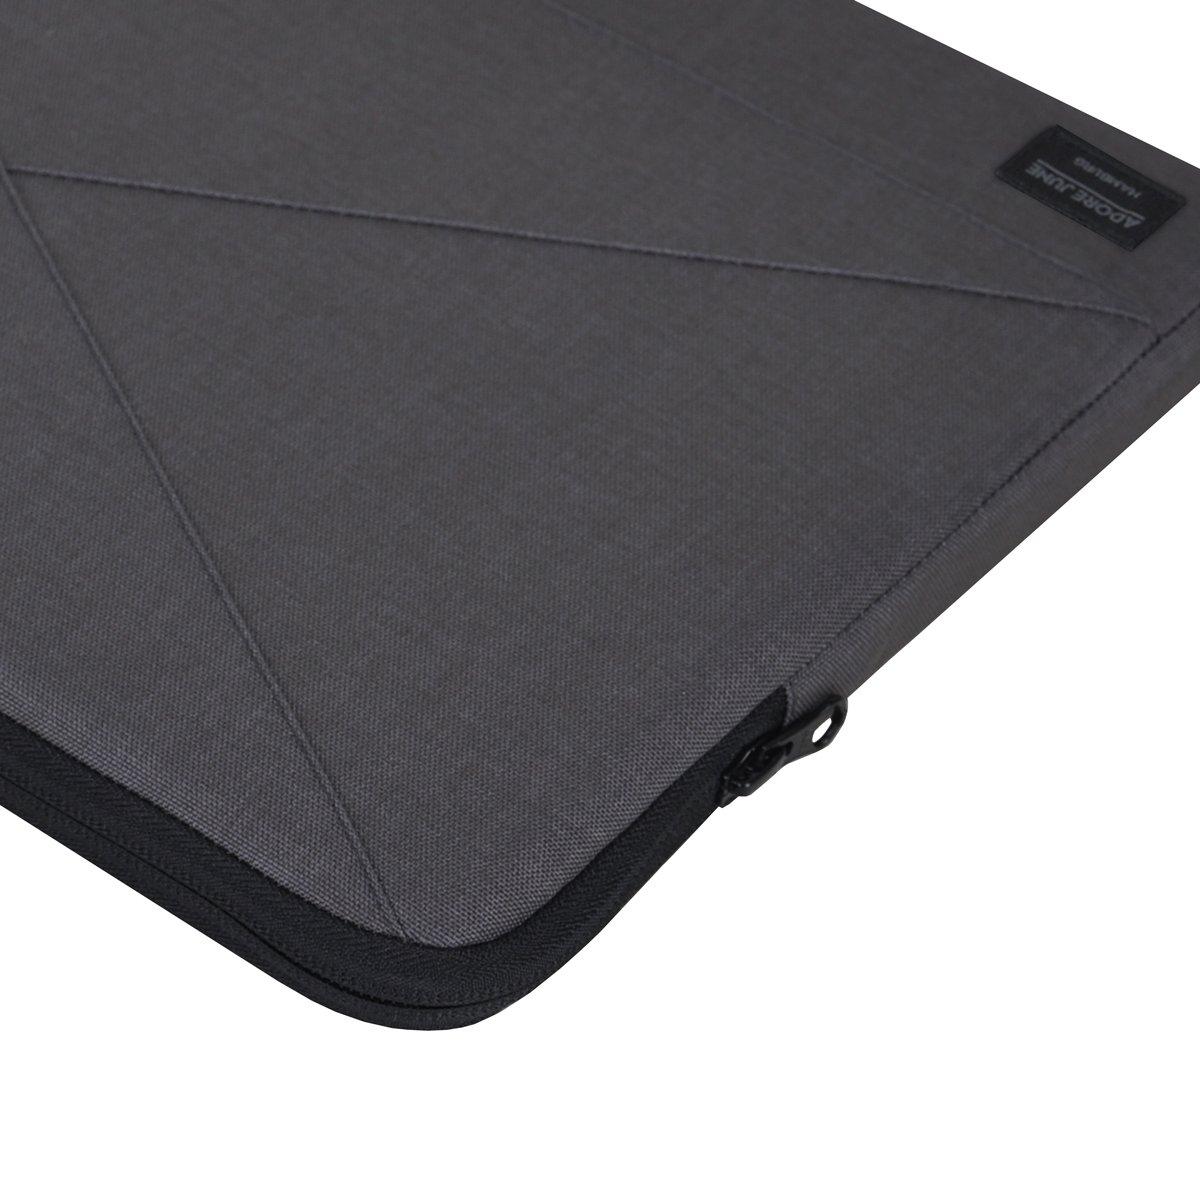 Cover en Tissu Textile r/ésistant Adore June 15,4 Pouces Sac Triangle Noir Housse Compatible avec Apple MacBook Pro 15 2016-2019